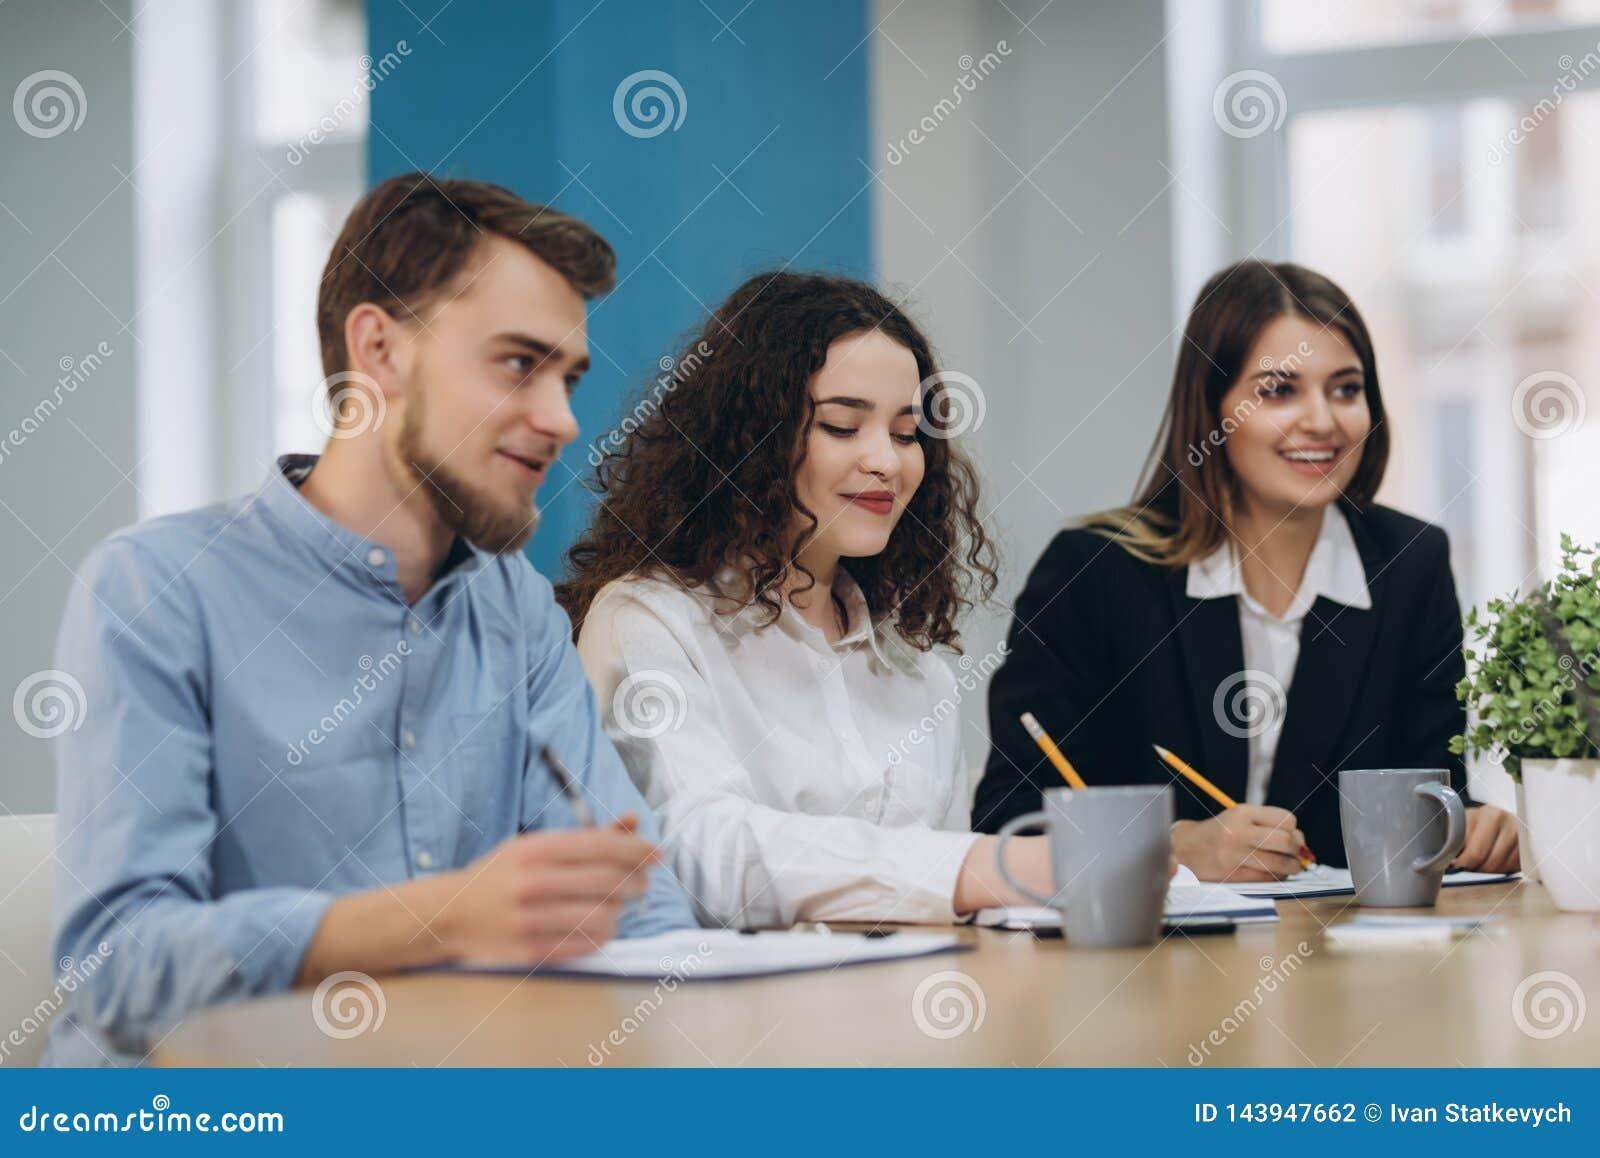 Full koncentration p? arbete Funktionsdugliga kollegor f?r f?retags lag som arbetar i modernt kontor